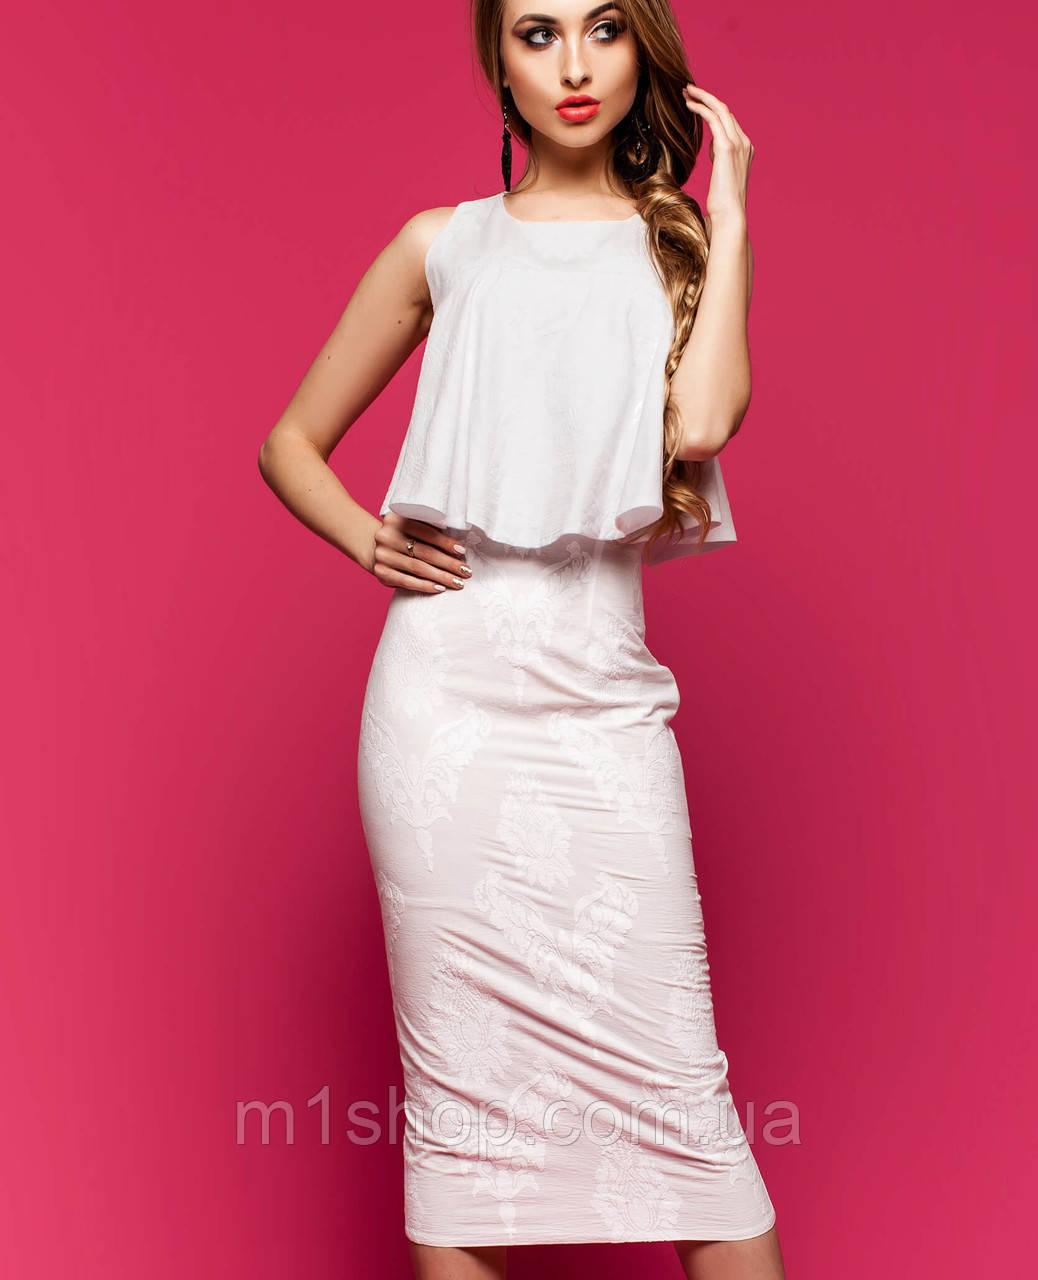 Женское платье из батиста (Магнолия jd)